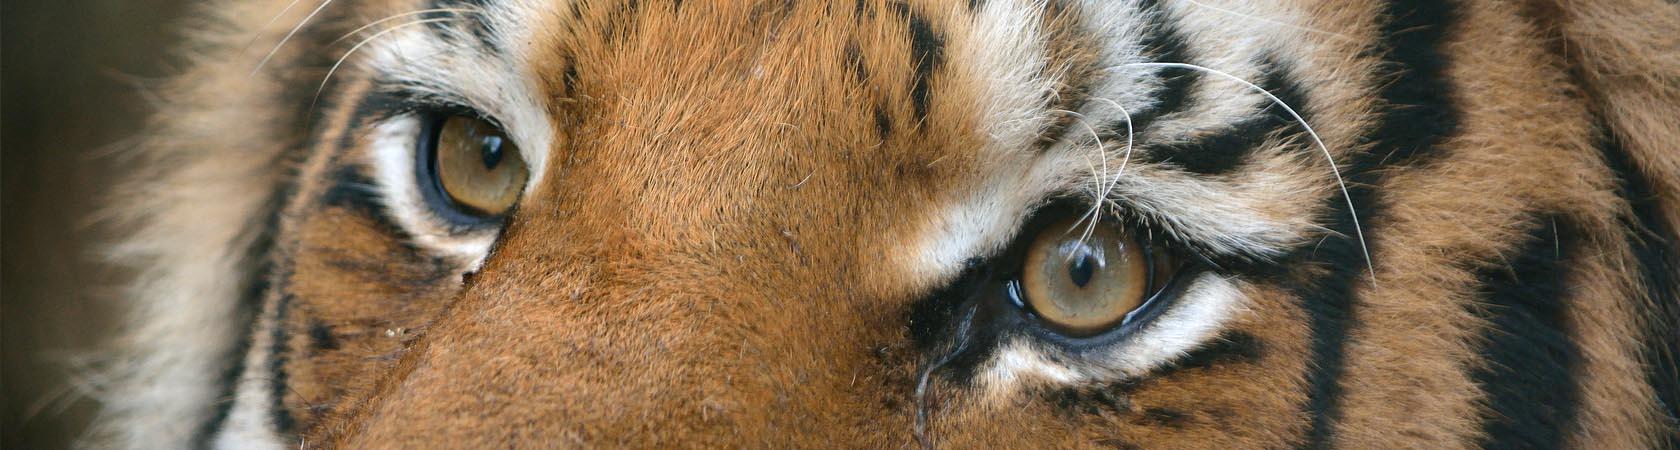 tigre-siberiana-parco-faunistico-le-cornelle-leonardodelfini01